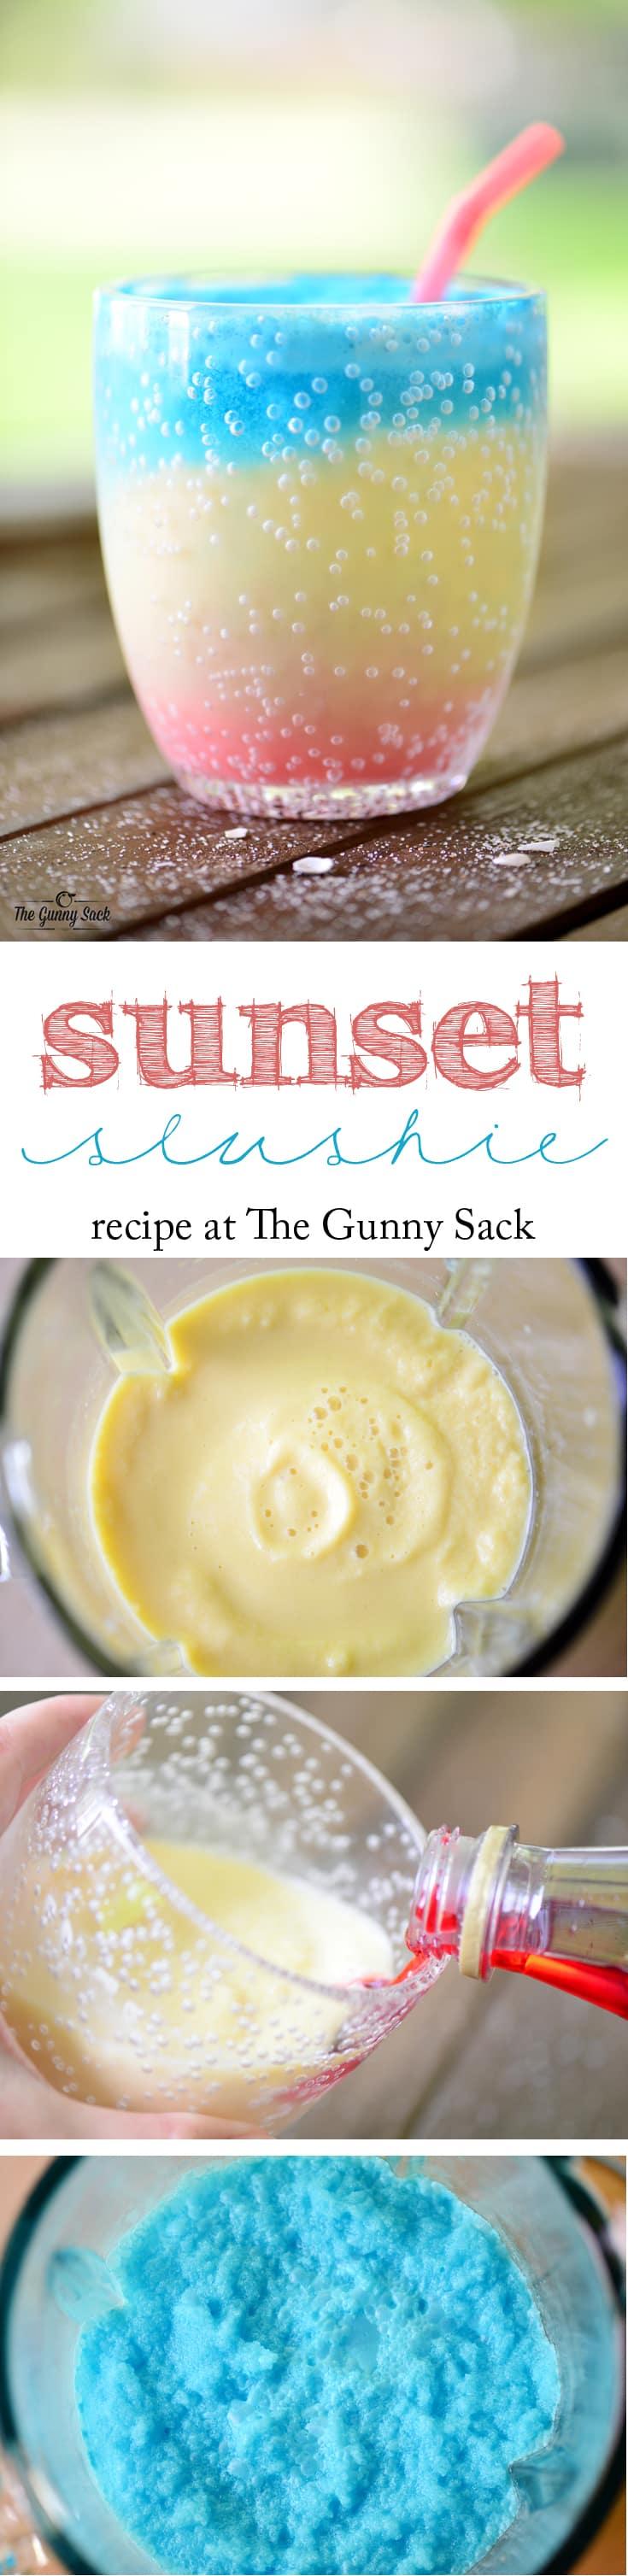 Sunset Slushie Recipe | thegunnysack.com